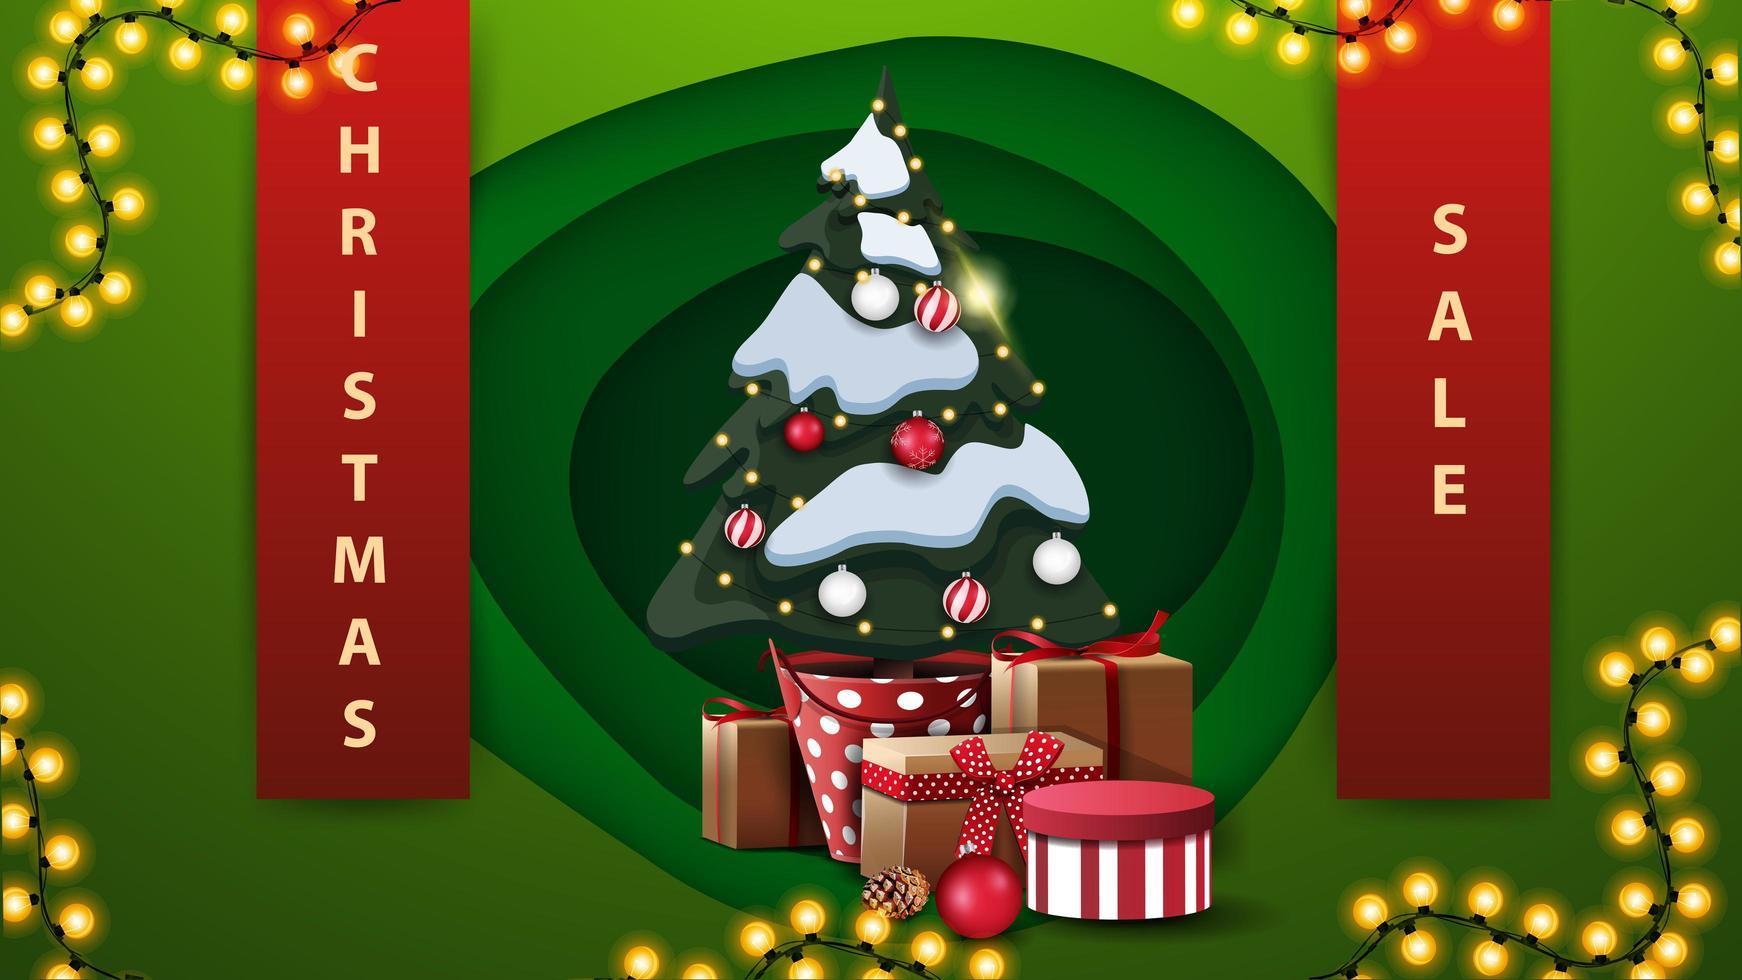 Rabatt Banner mit Bändern, Girlande und Weihnachtsbaum vektor